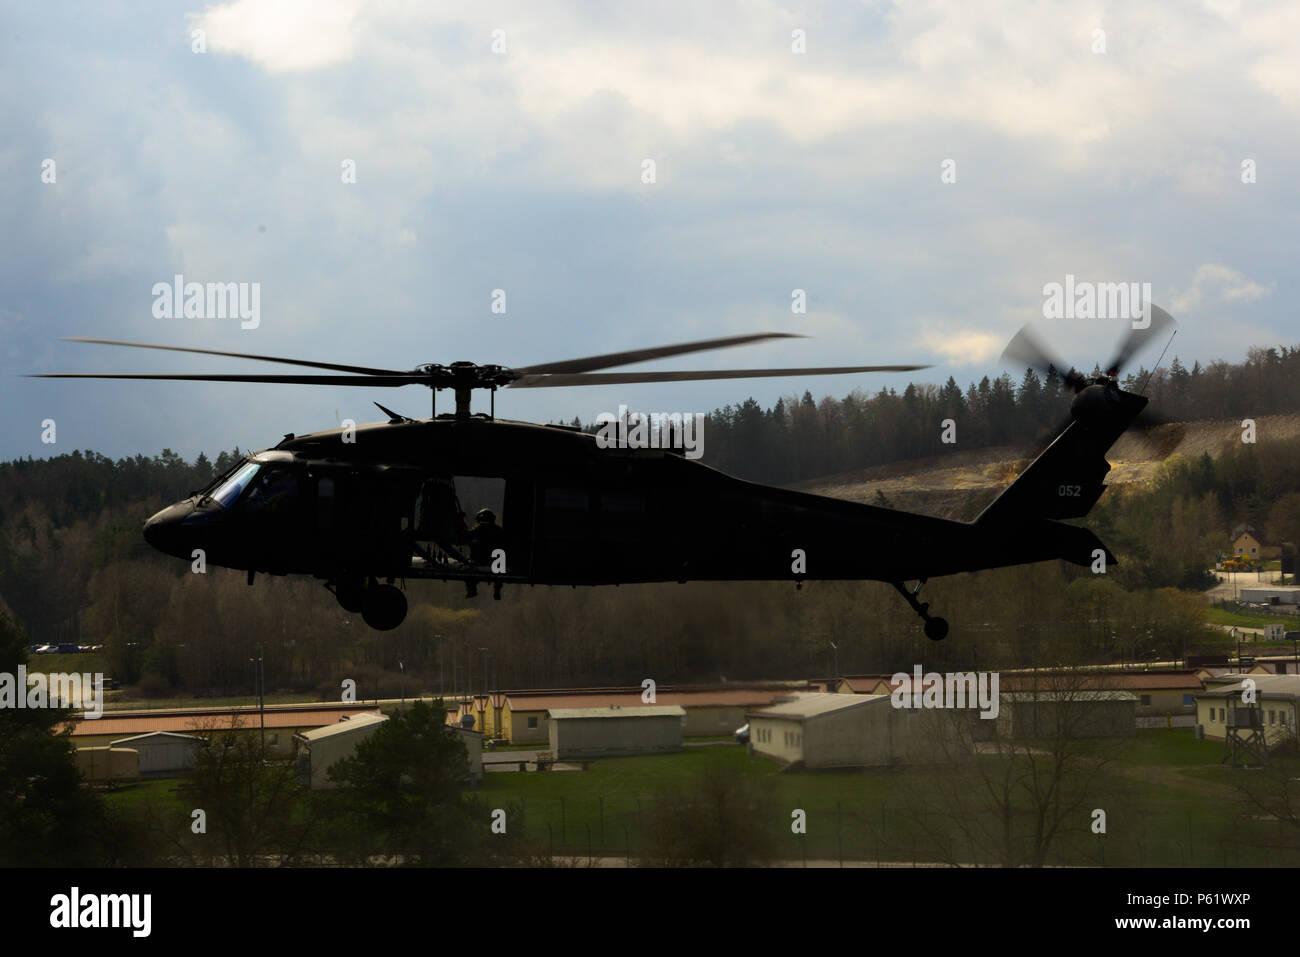 U S  Army Chief Warrant Officer 4 Caynan Picard, U S  Army